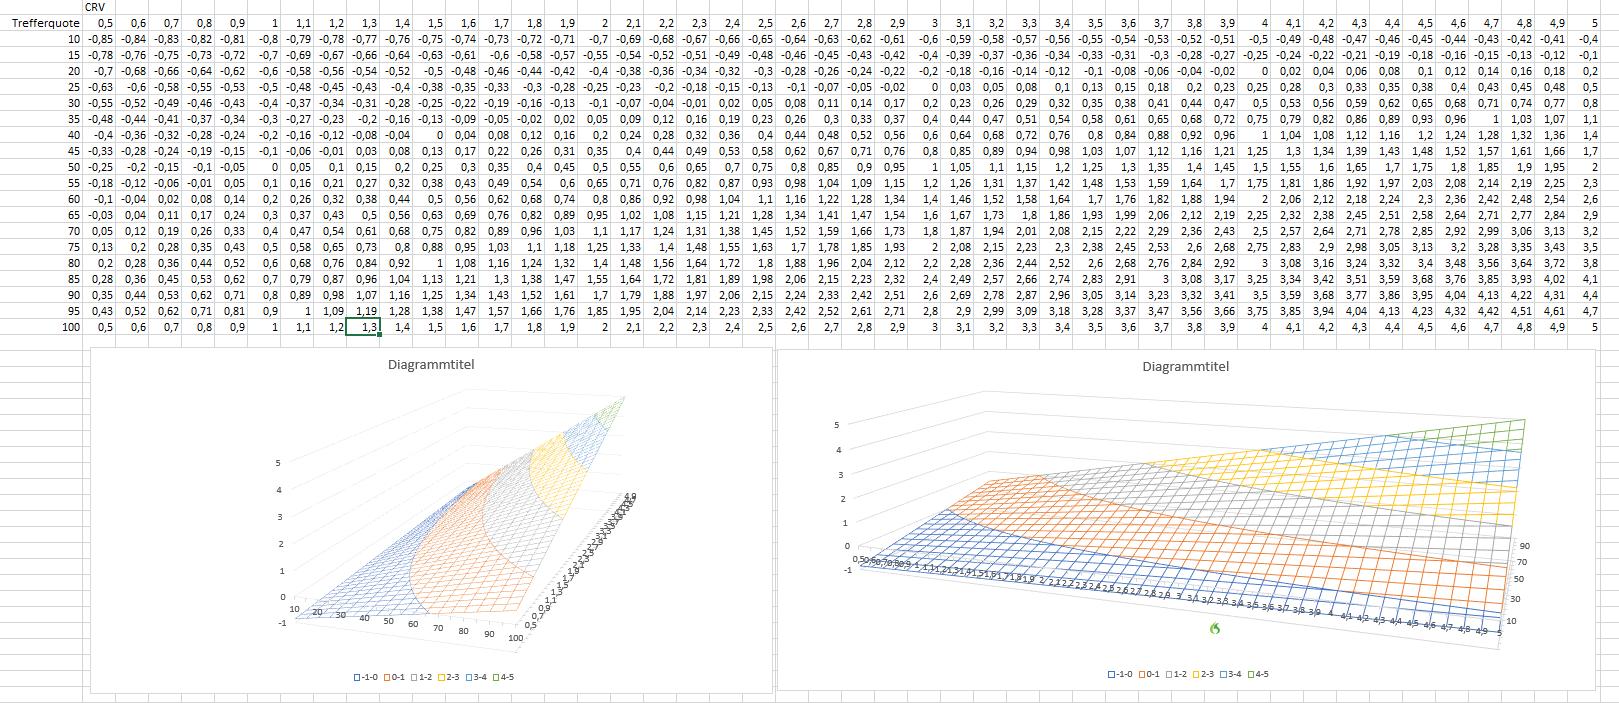 Wahrscheinlichkeit-CRV-und-Erwartungswert-So-einfach-ist-das-mit-dem-Gewinnen-Rene-Berteit-GodmodeTrader.de-3